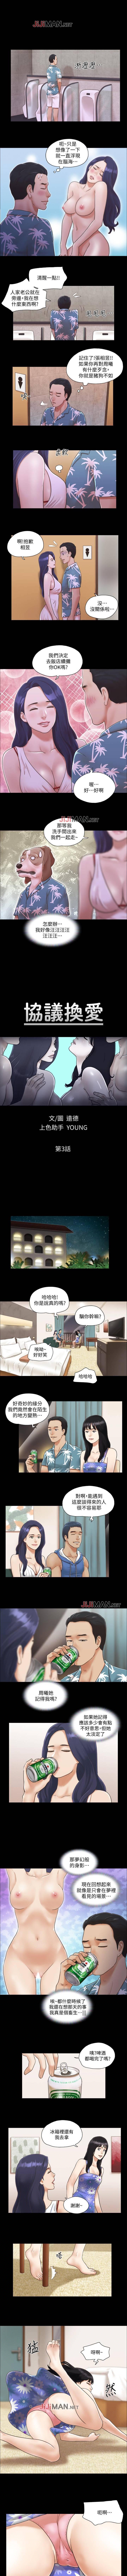 【周五连载】协议换爱(作者:遠德) 第1~57话 9